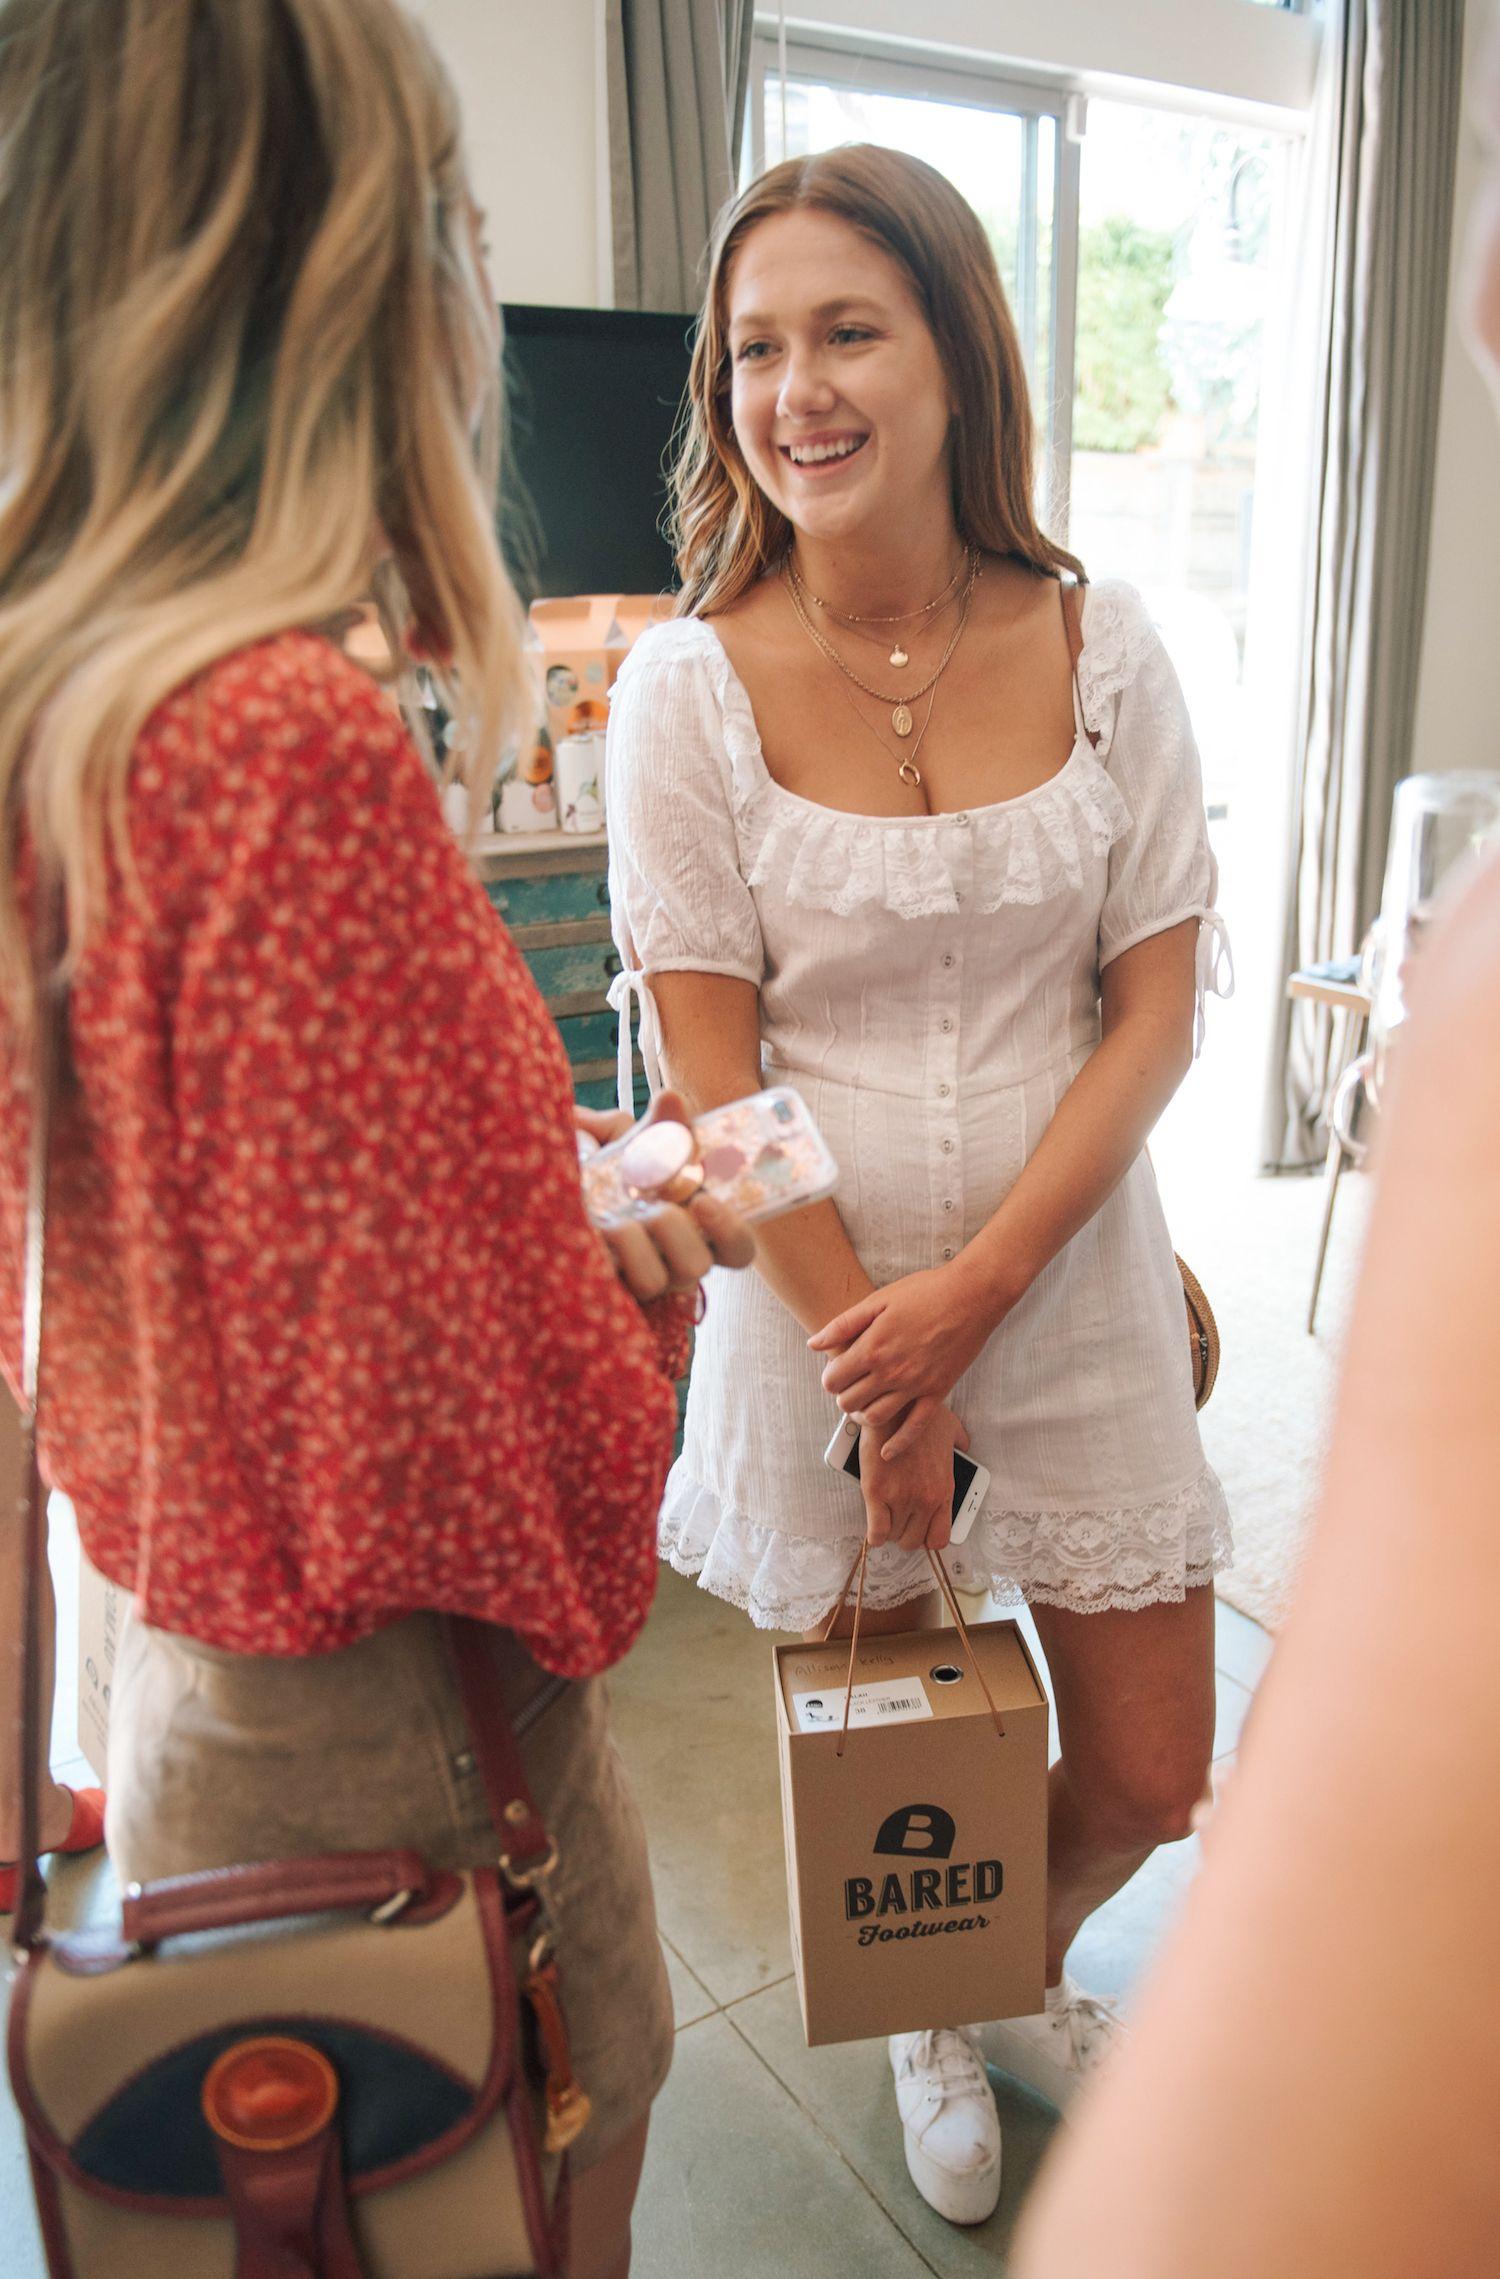 Bared_Footwear_Womens_Summer_House_LA_Allison_Kelley